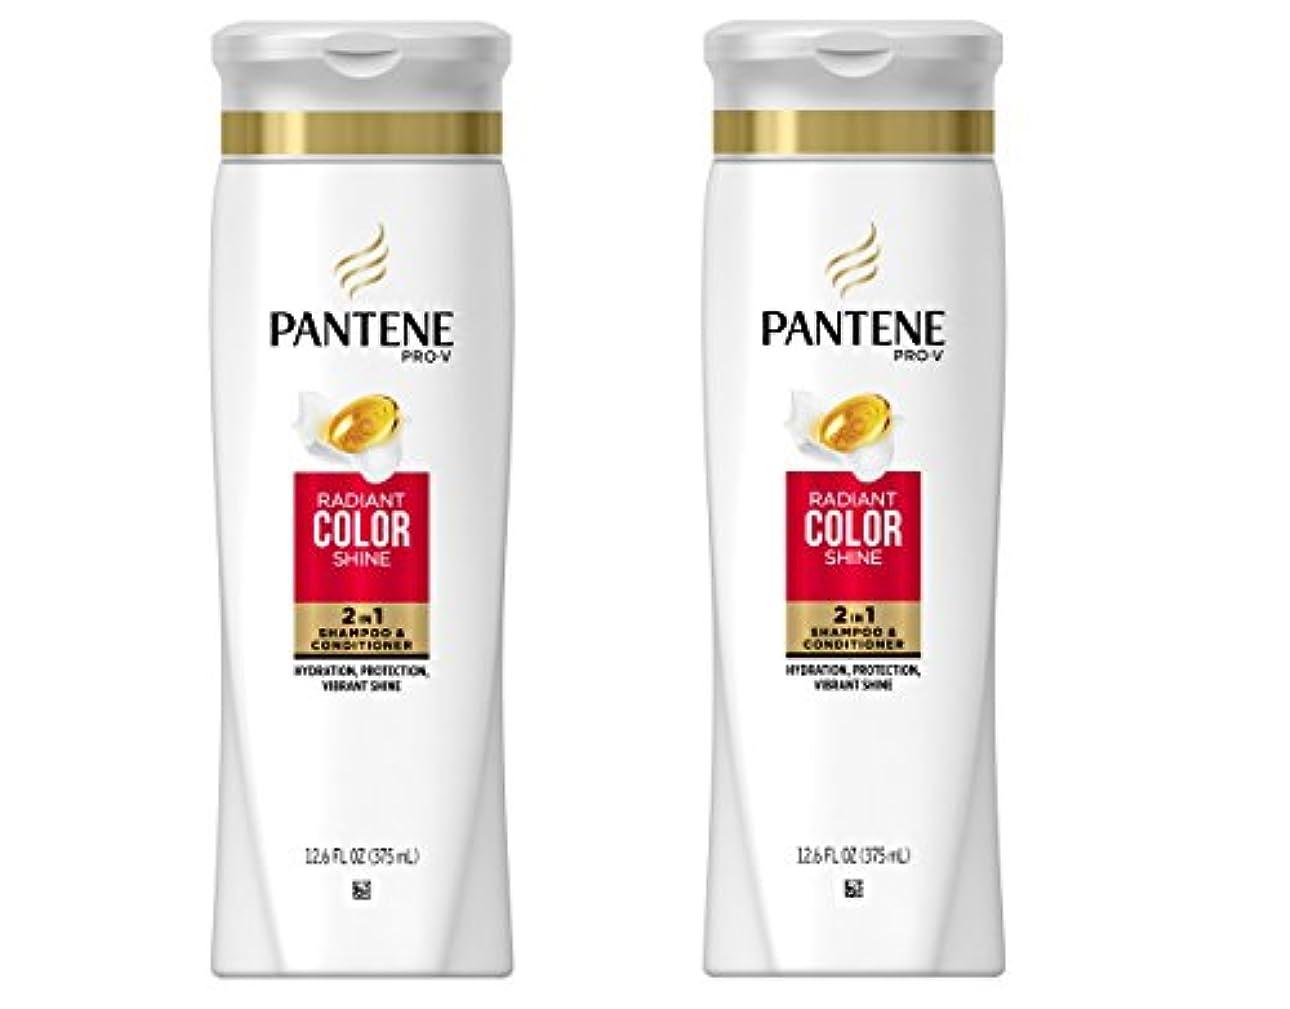 全員エリート投獄Pantene プロVラディアン色鮮やかな輝きを放つドリームケアの2in1シャンプー&コンディショナーシャイン12.6オズ(2パック) 12.6オンス(2パック) プロV色リバイバル磨きの2in1シャンプーとコンディショナー